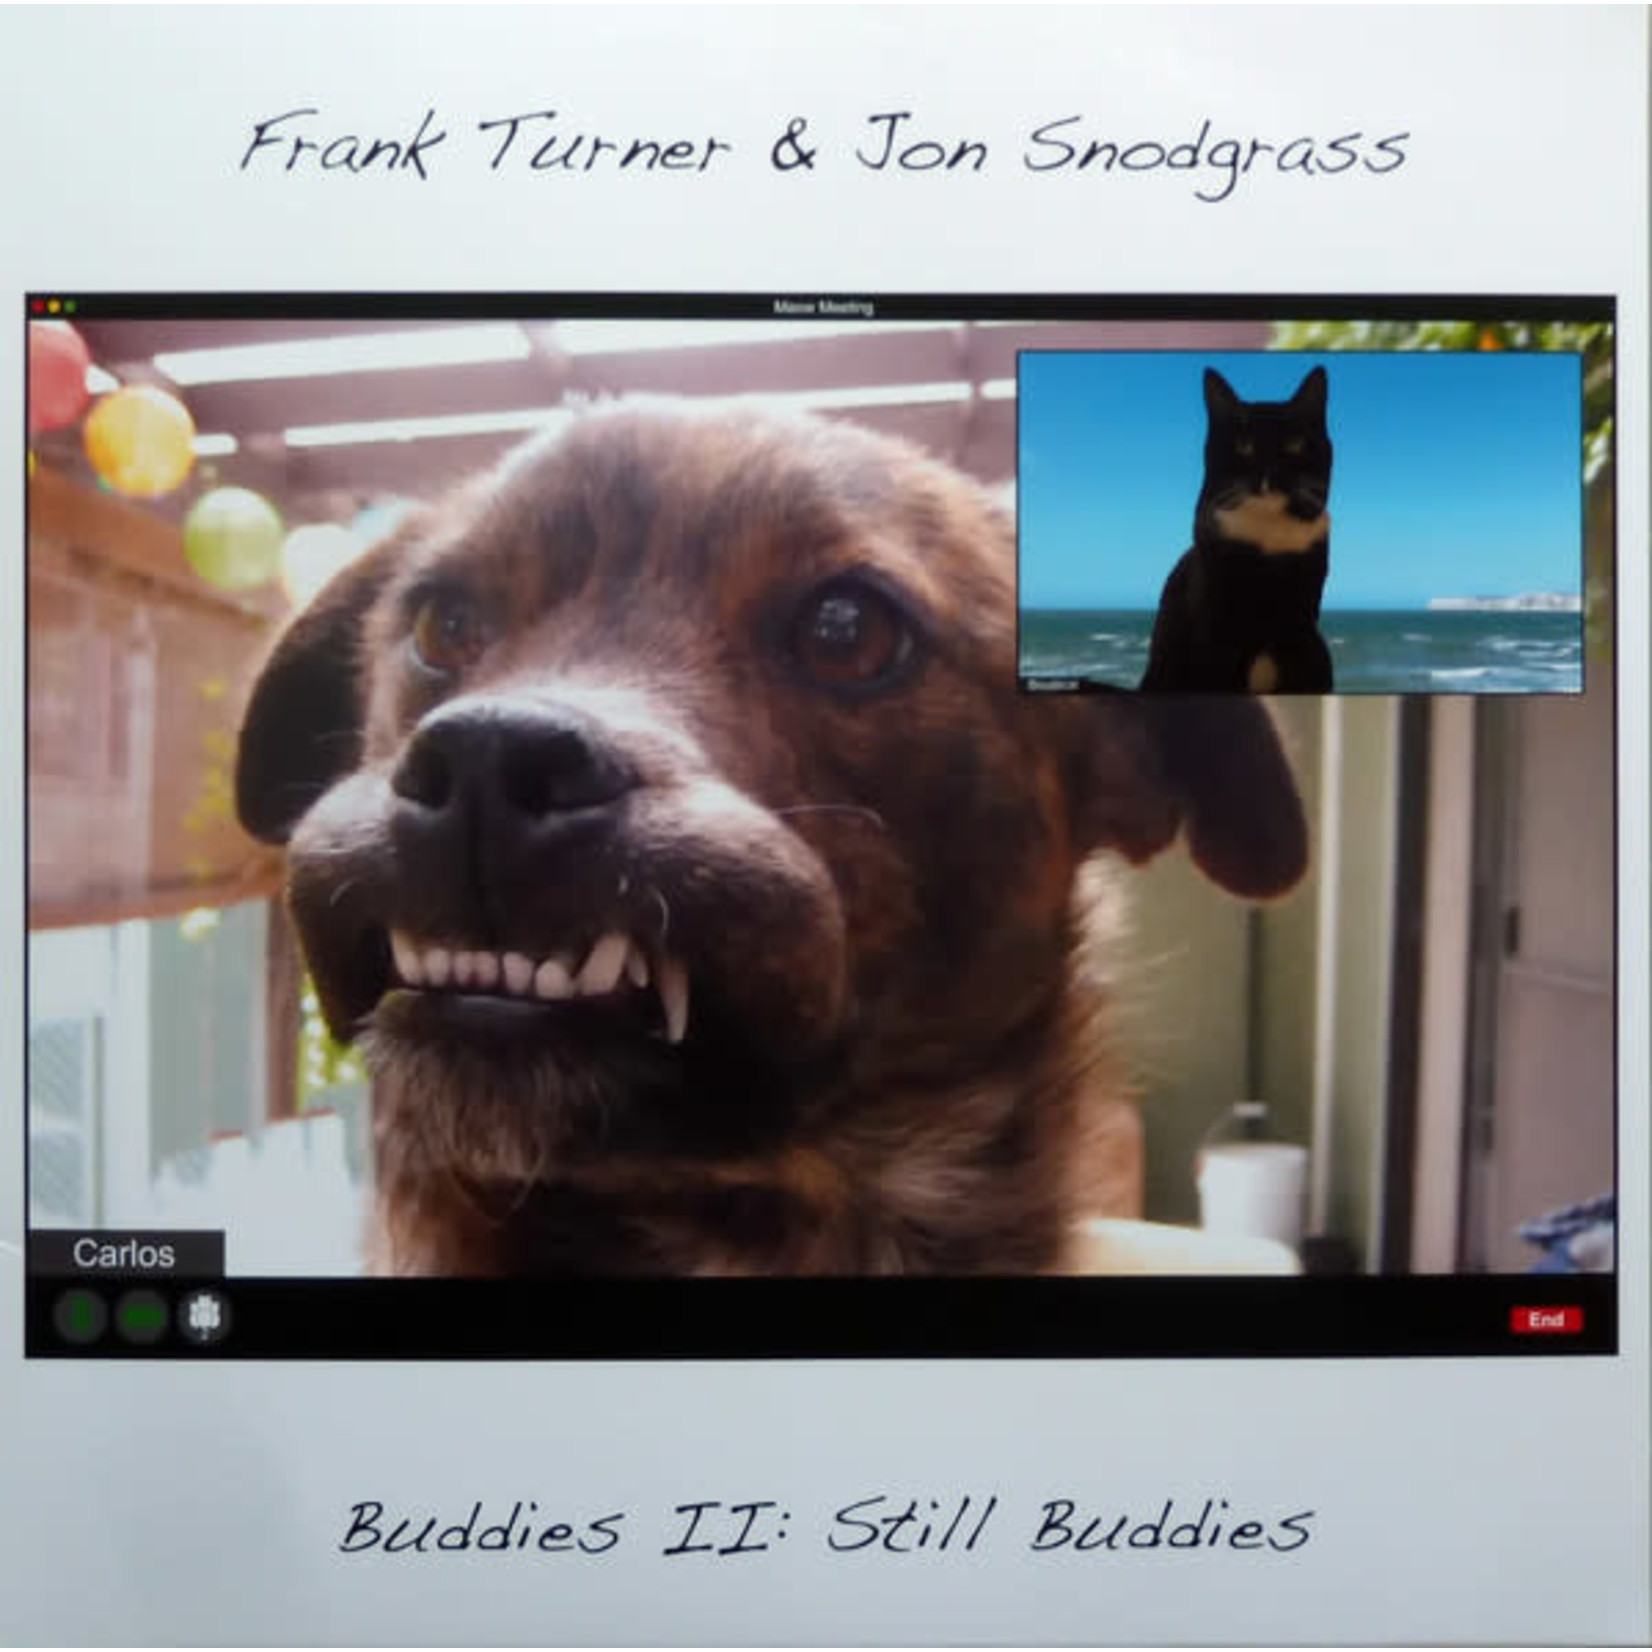 FRANK TURNER BUDDIES II: STILL BUDDIES